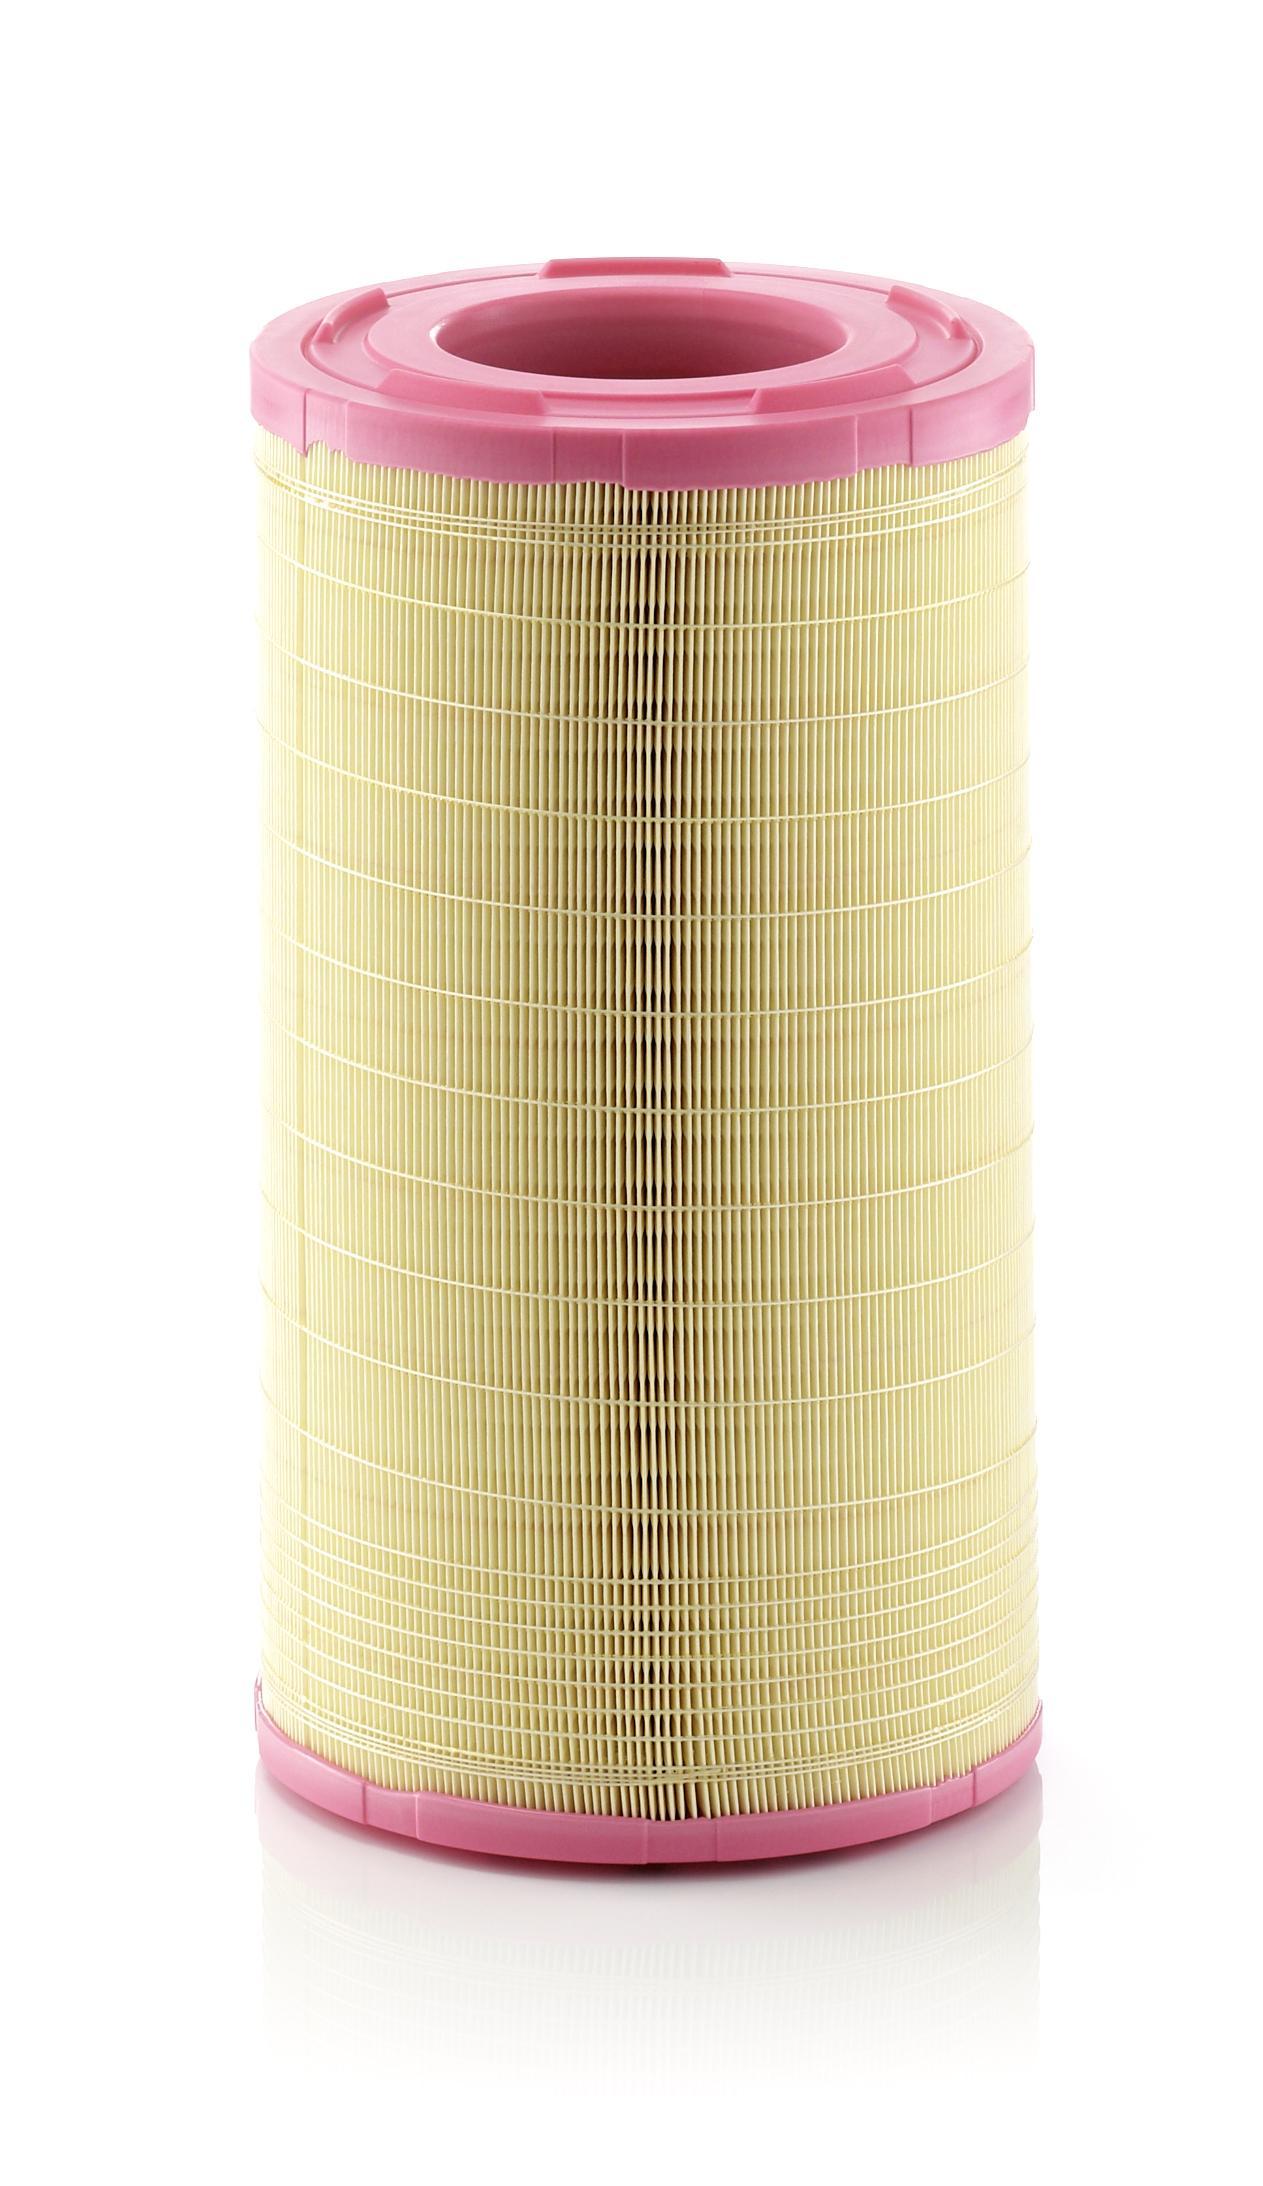 MANN-FILTER Luftfilter für MAN - Artikelnummer: C 26 1005